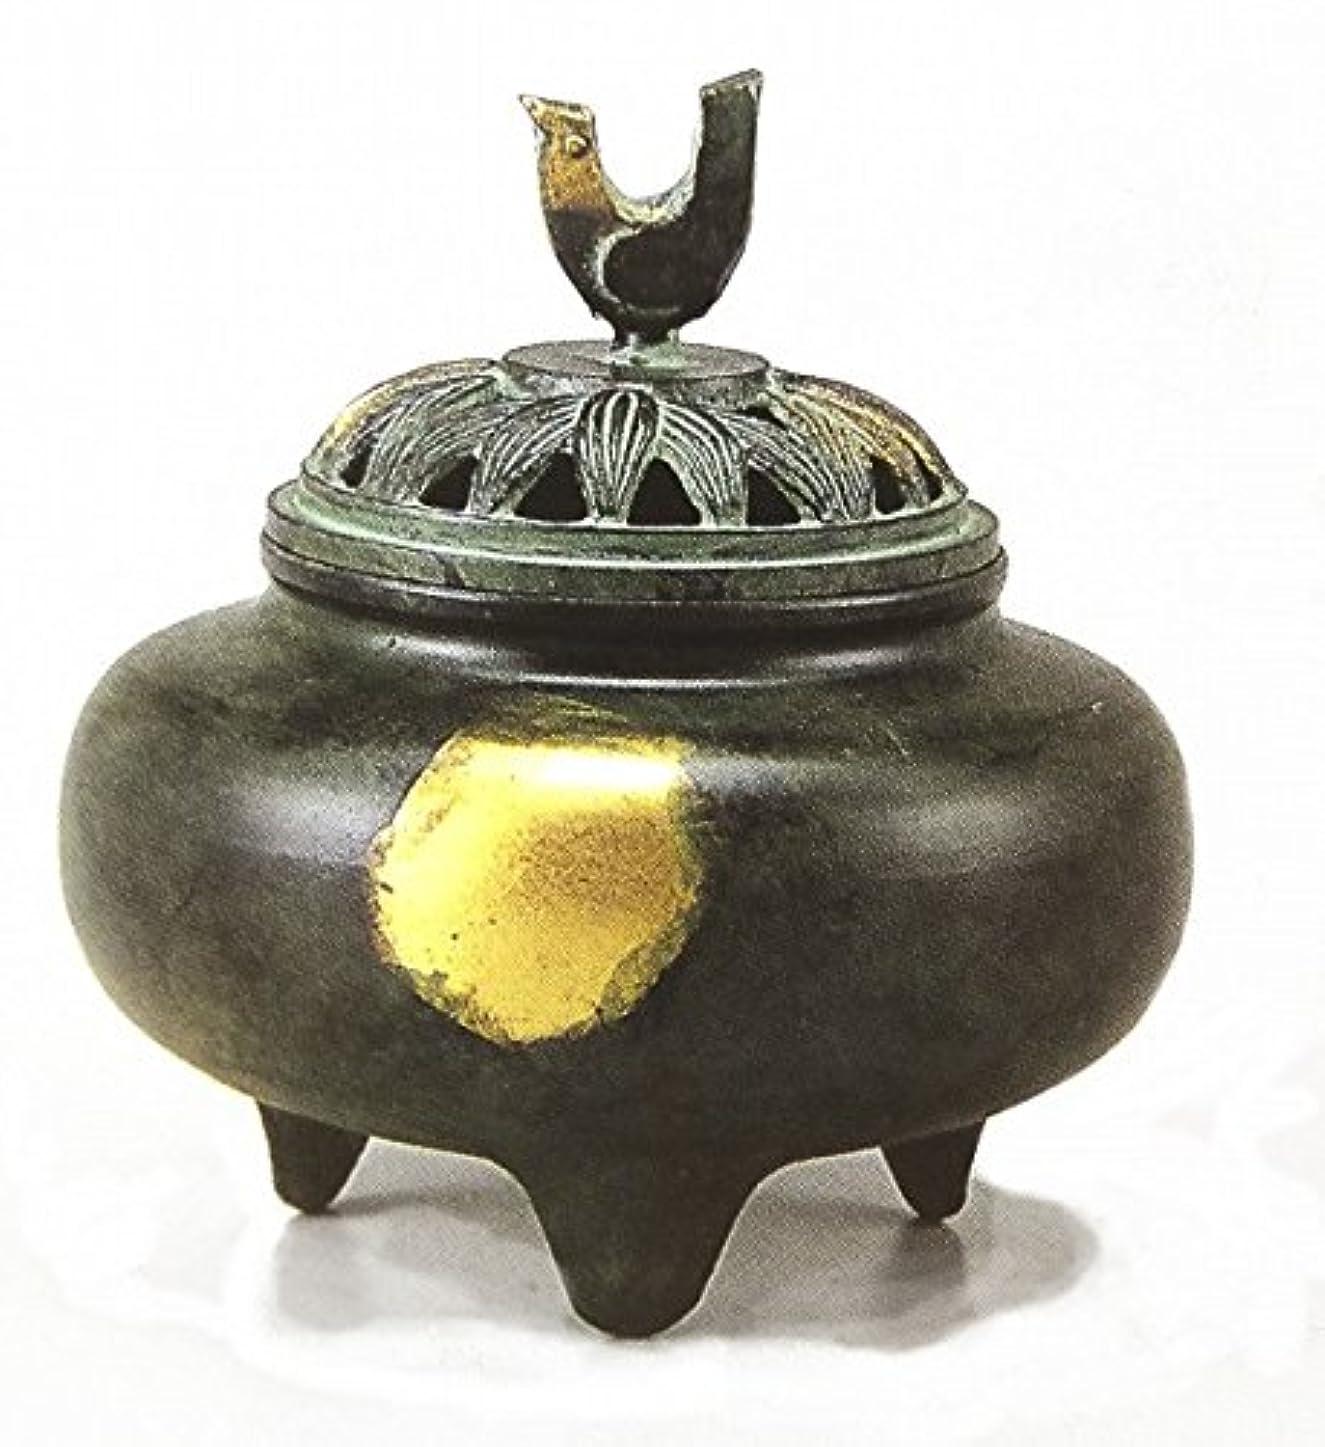 アシュリータファーマン野菜孤児『珠玉型香炉』銅製